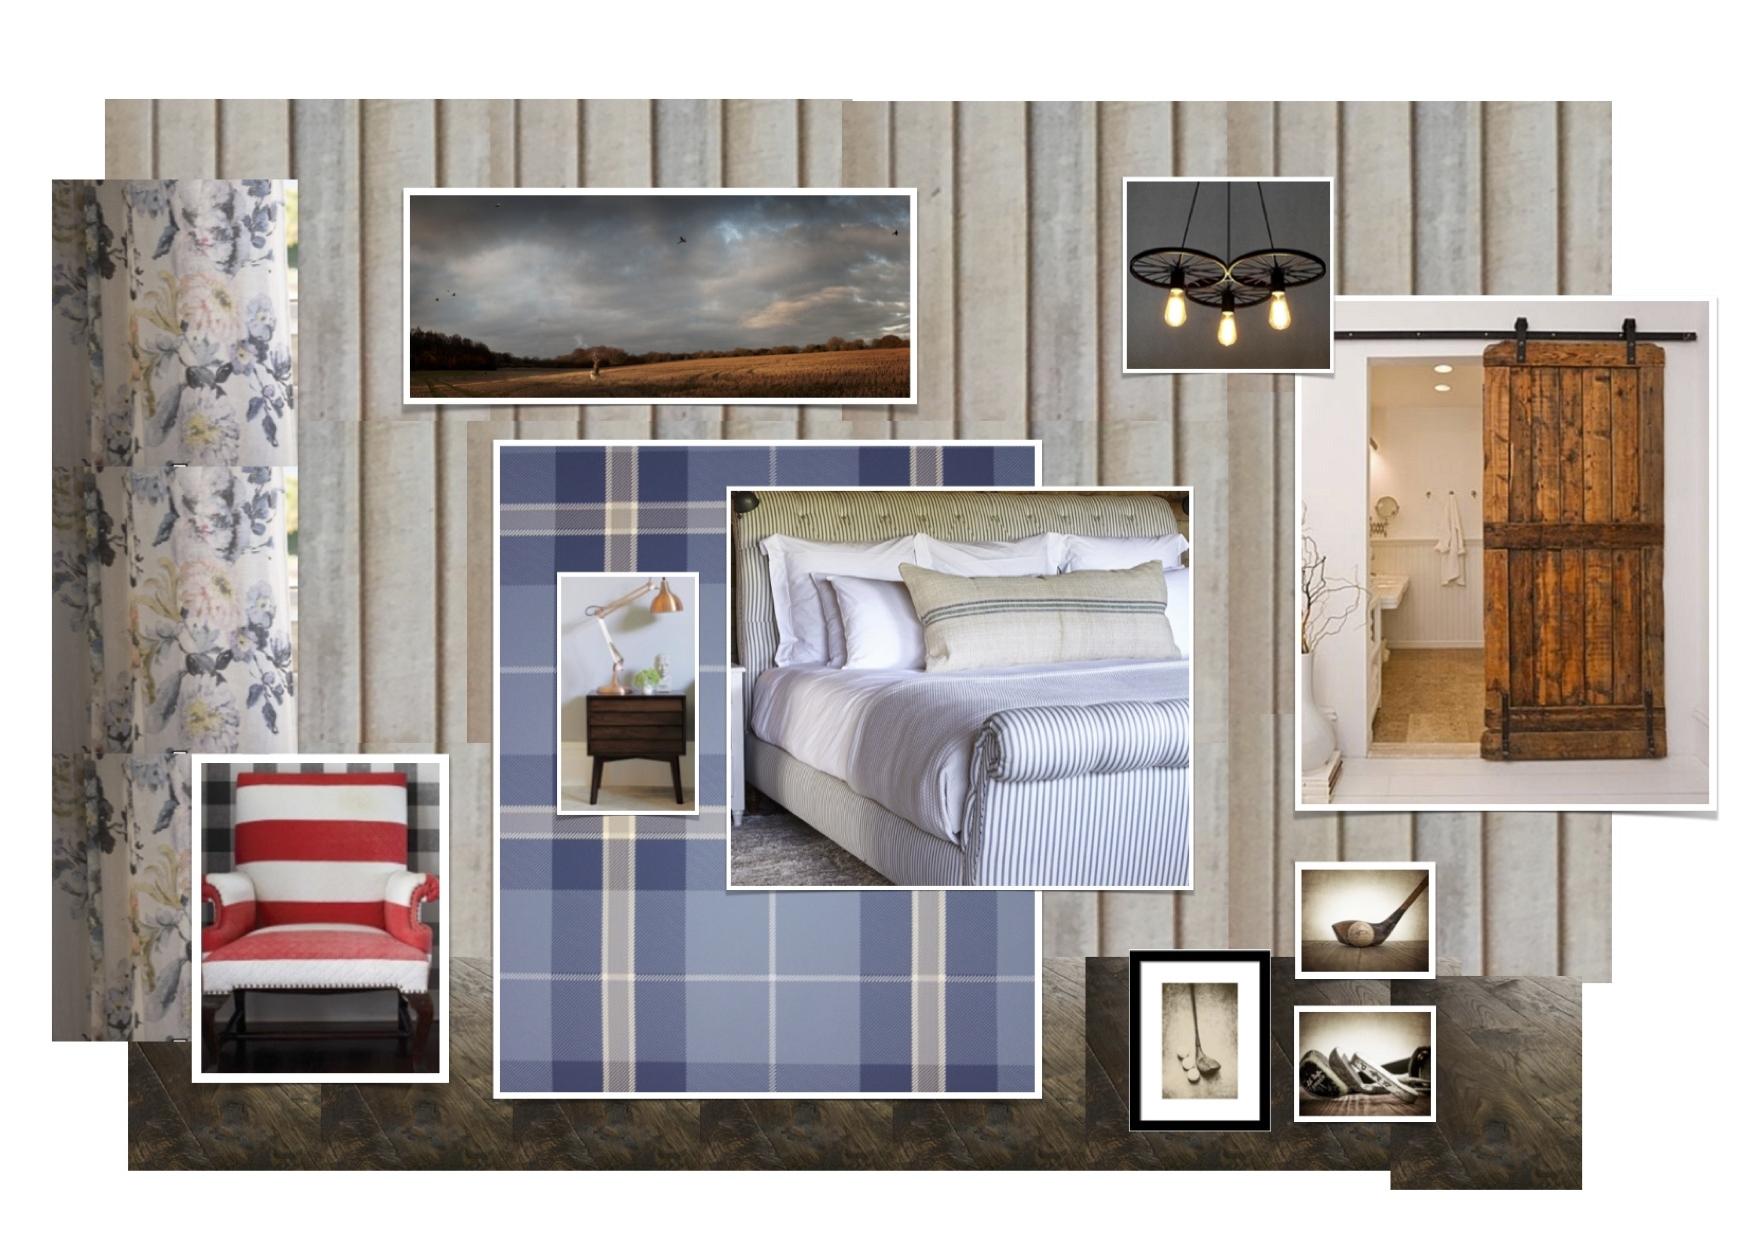 Hotelkonzept, Schlafzimmer, Landhausstil zeitgemäß, Country, Wandpaneele, Holz an der Wand, geblümter Vorhang